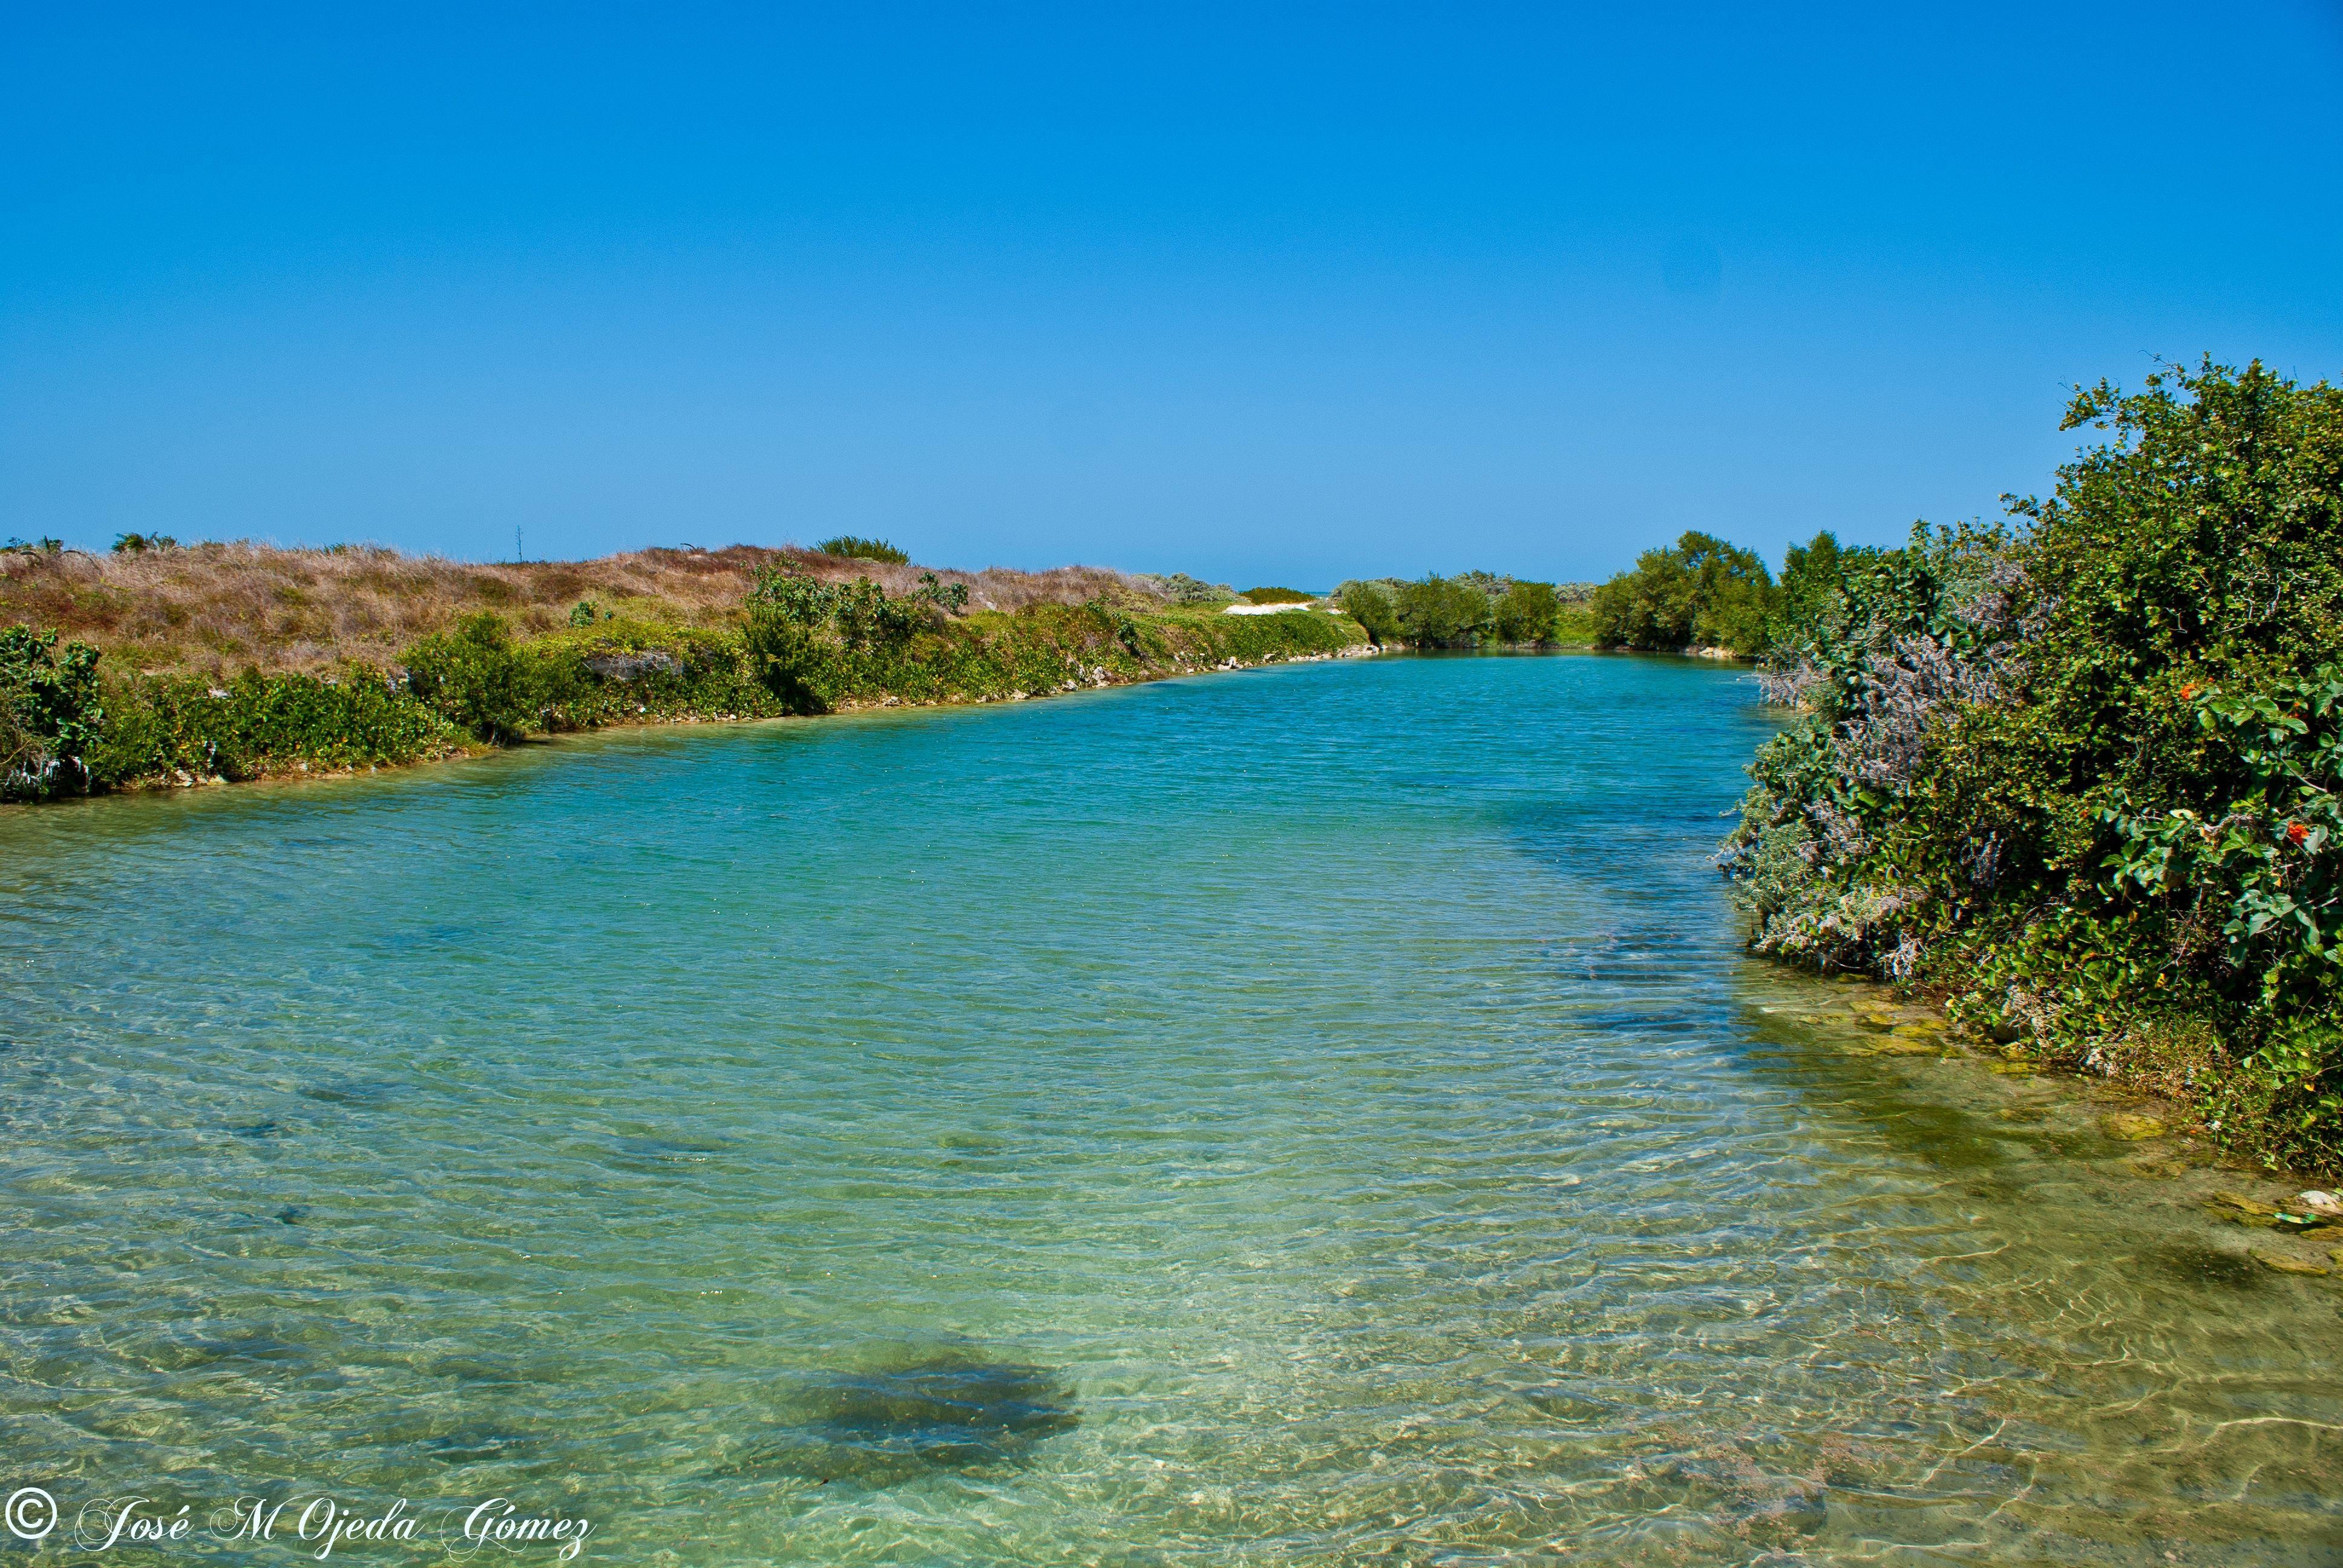 Ojo De Agua Sisal Yucatan Mexico Sisal Yucatan Mexico  # Muebles Sisal Queretaro